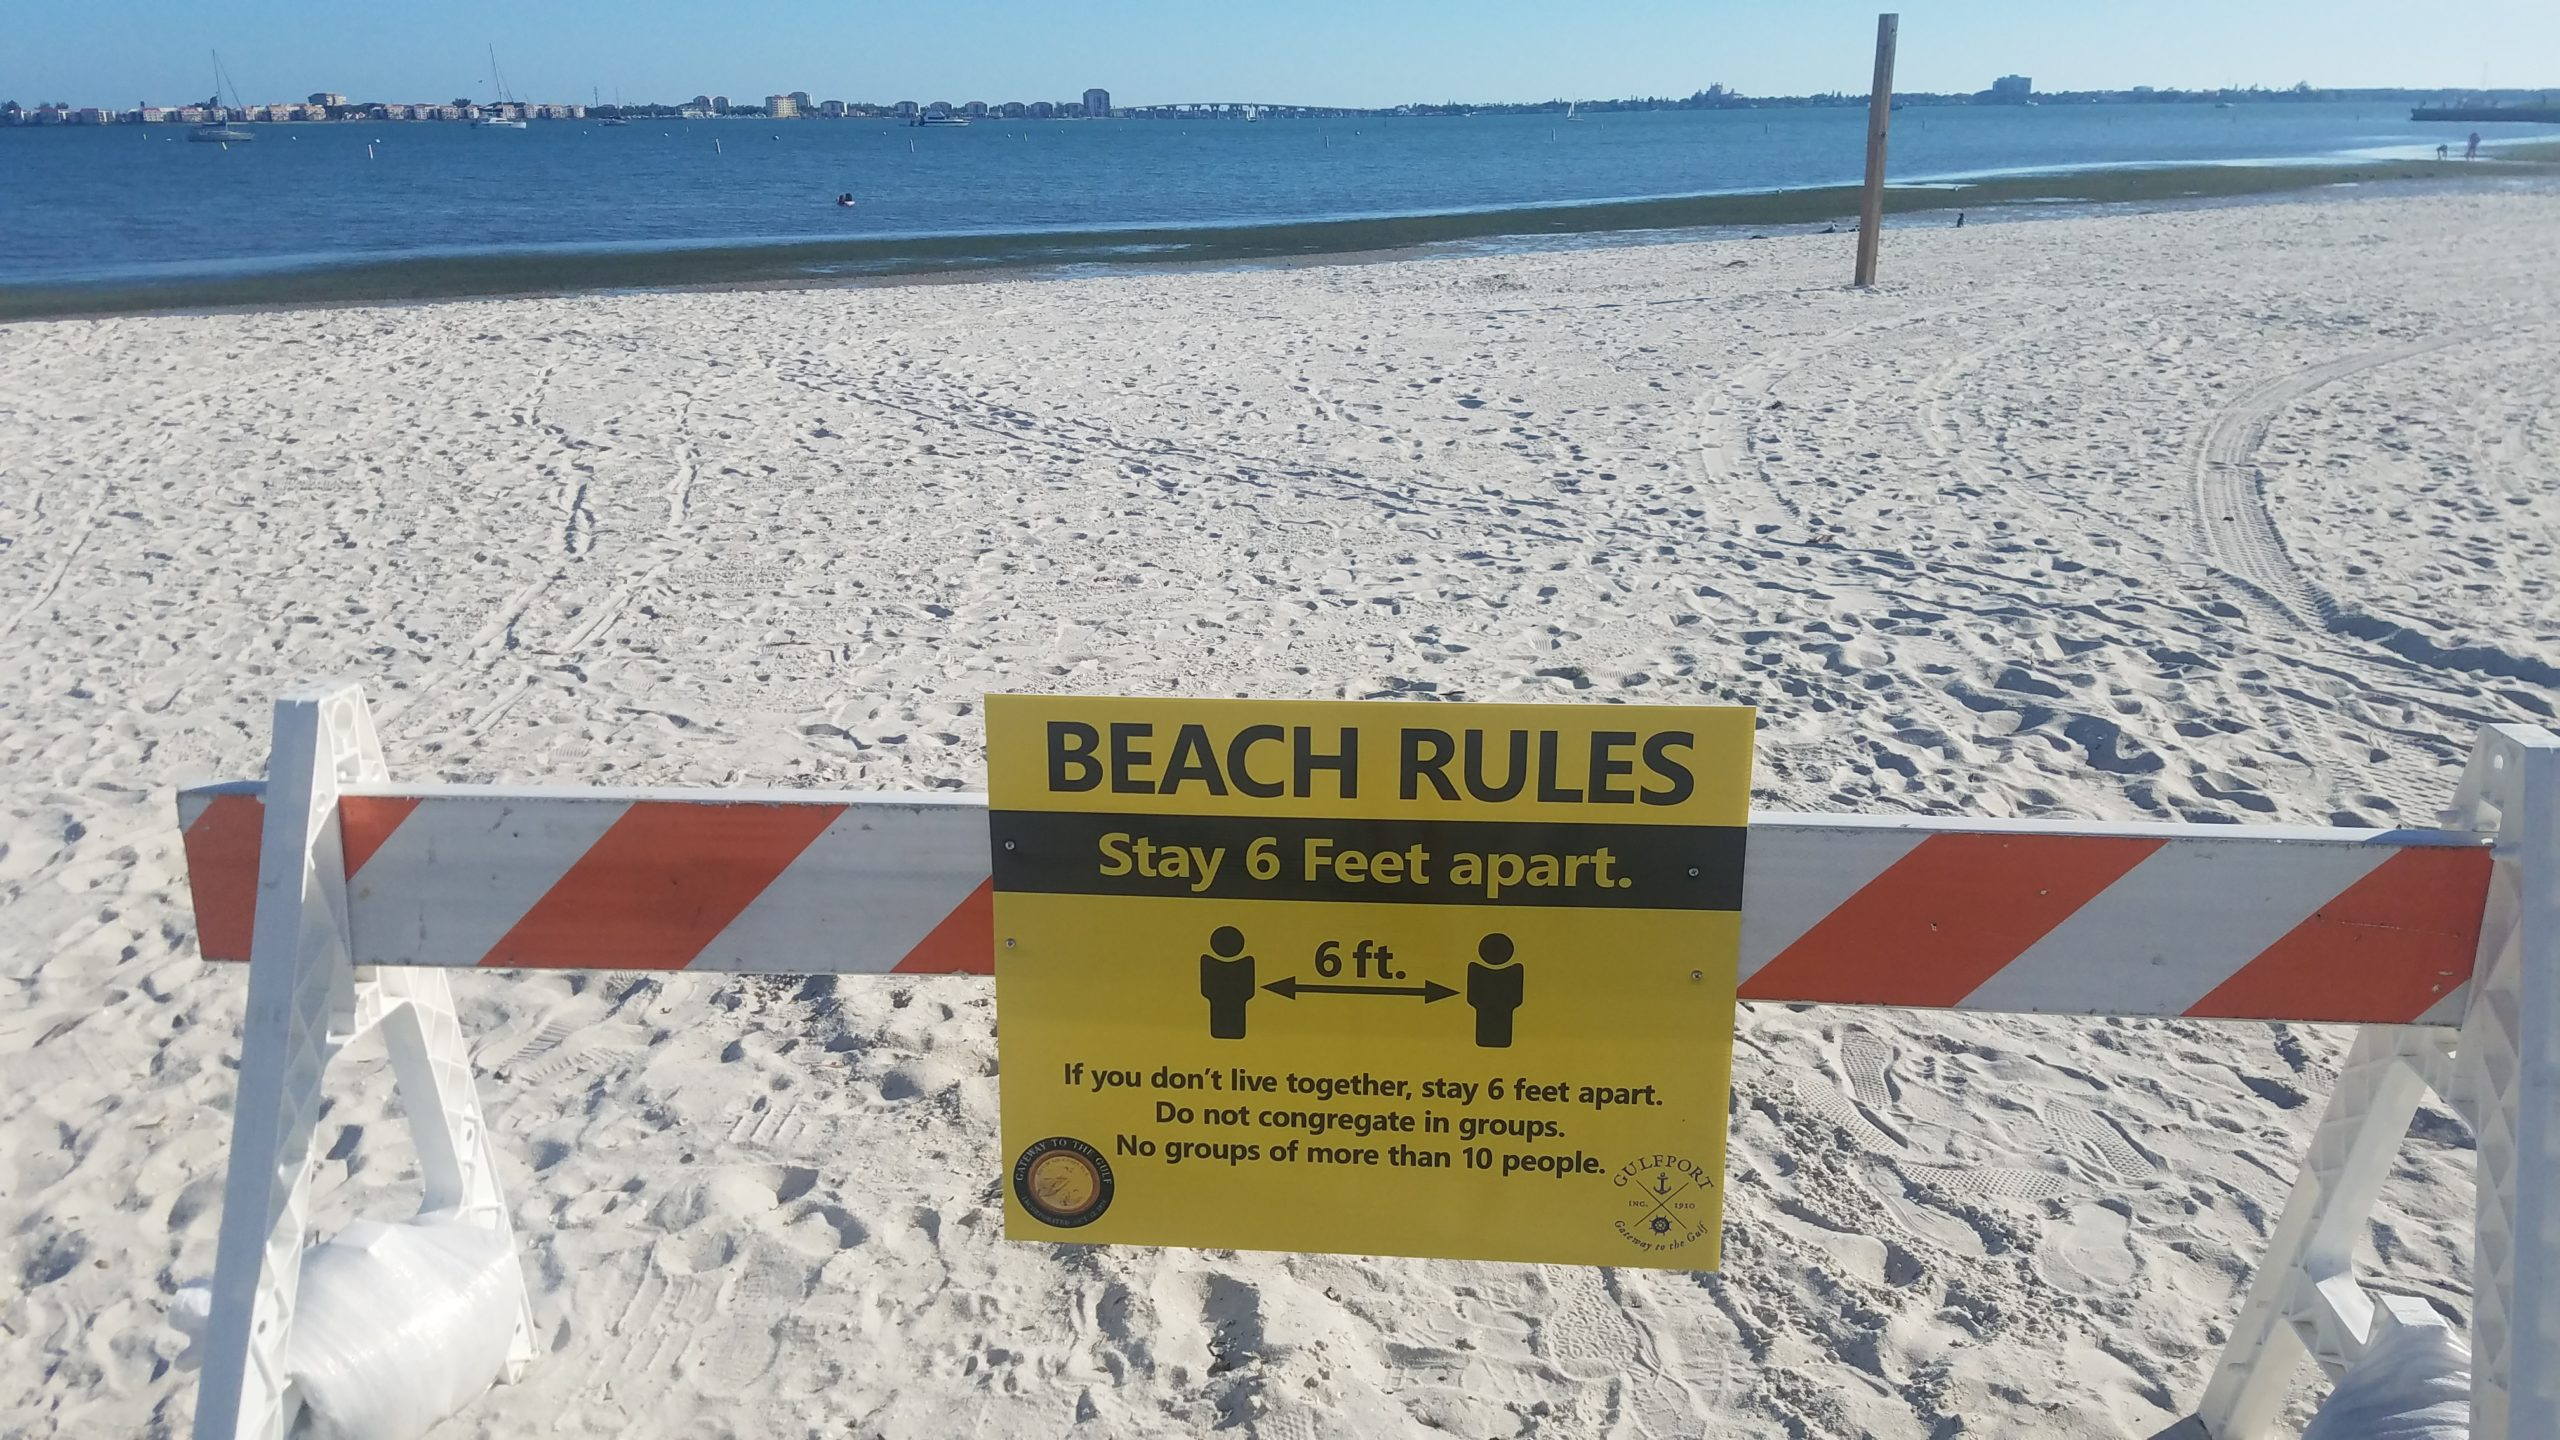 Gulfport Beach reopen during coronavirus pandemic